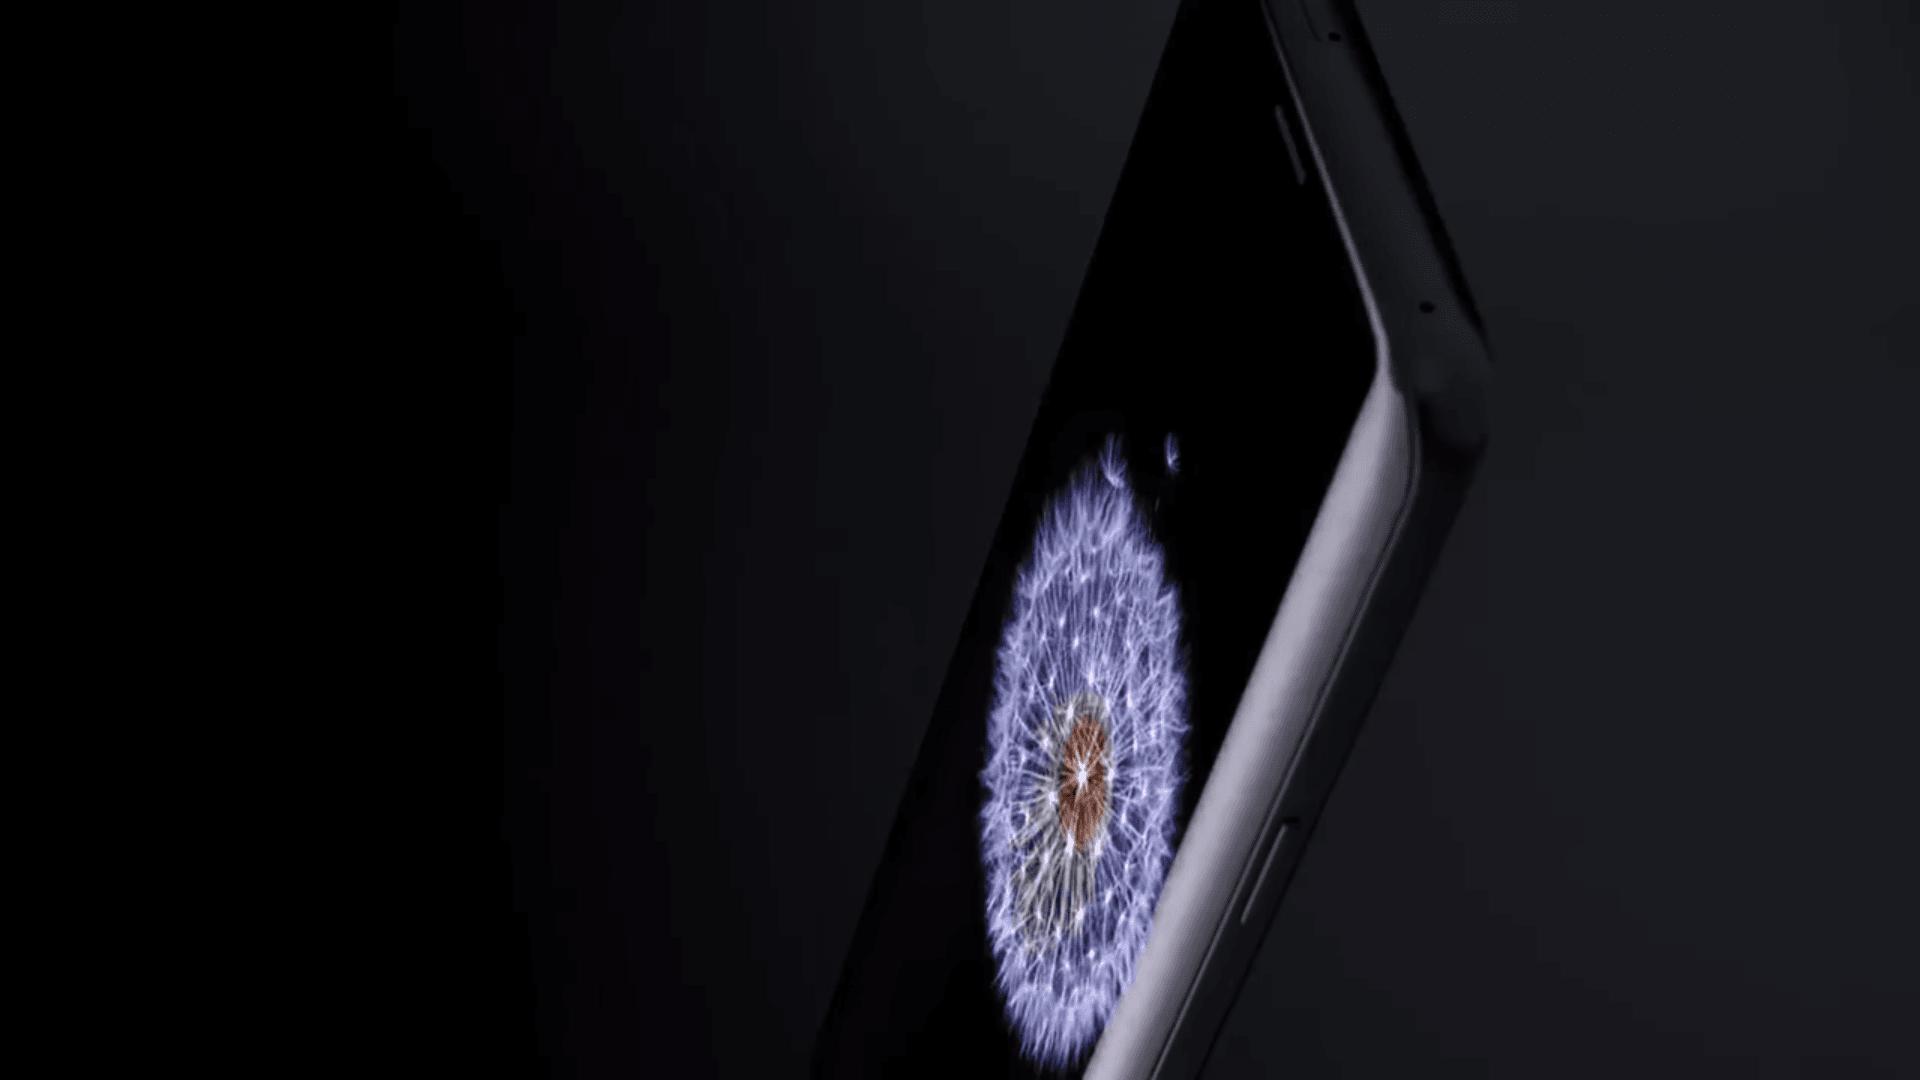 Samsung opublikował wideo promujące S9 i S9+. Trochę przedwcześnie, bo kilkanaście godzin przed premierą 20